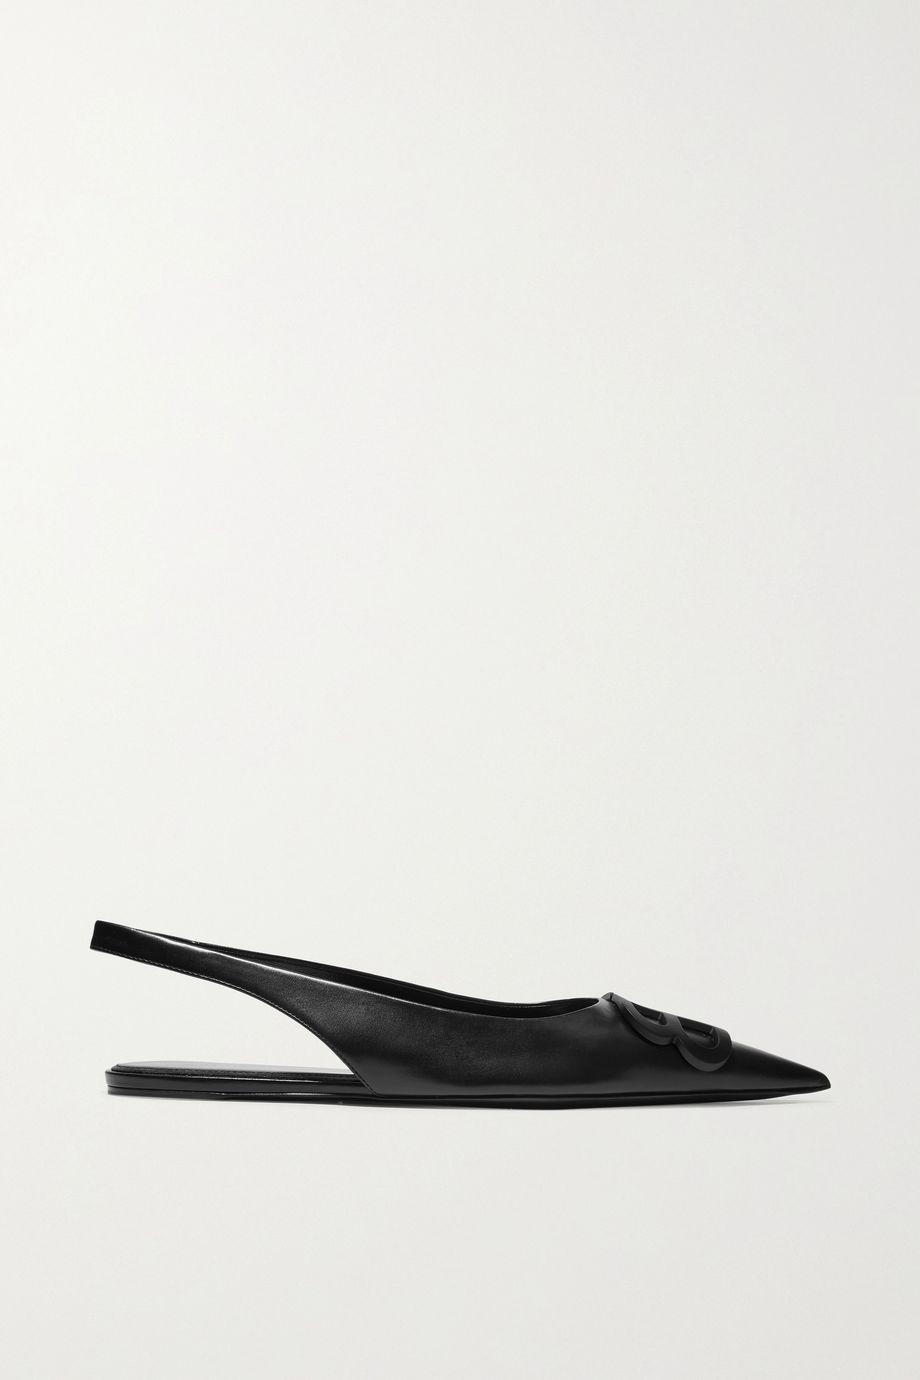 Balenciaga Knife logo-embellished leather point-toe flats